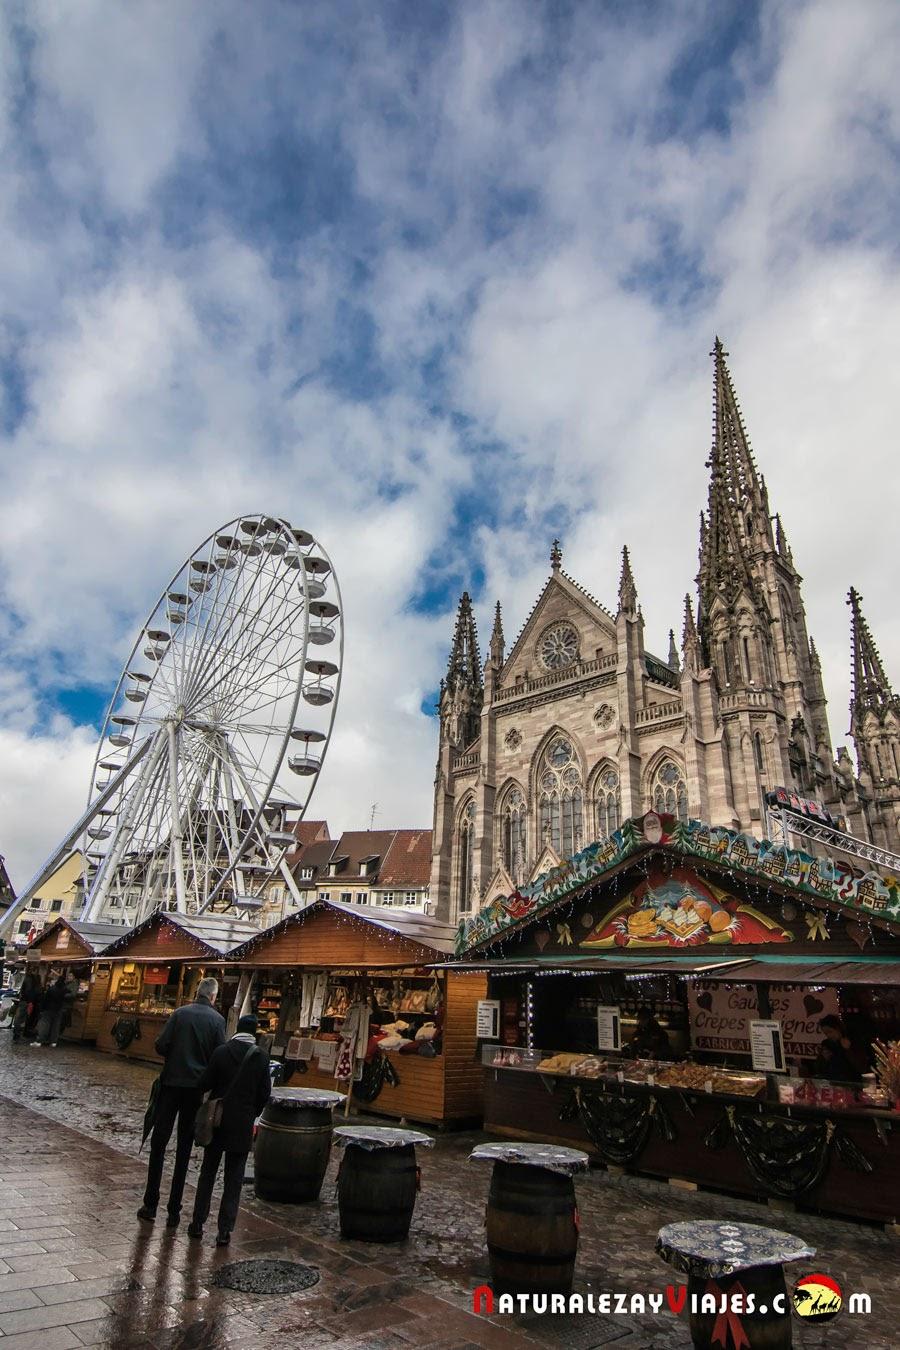 Mercado de Navidad de Mulhouse, Alsacia